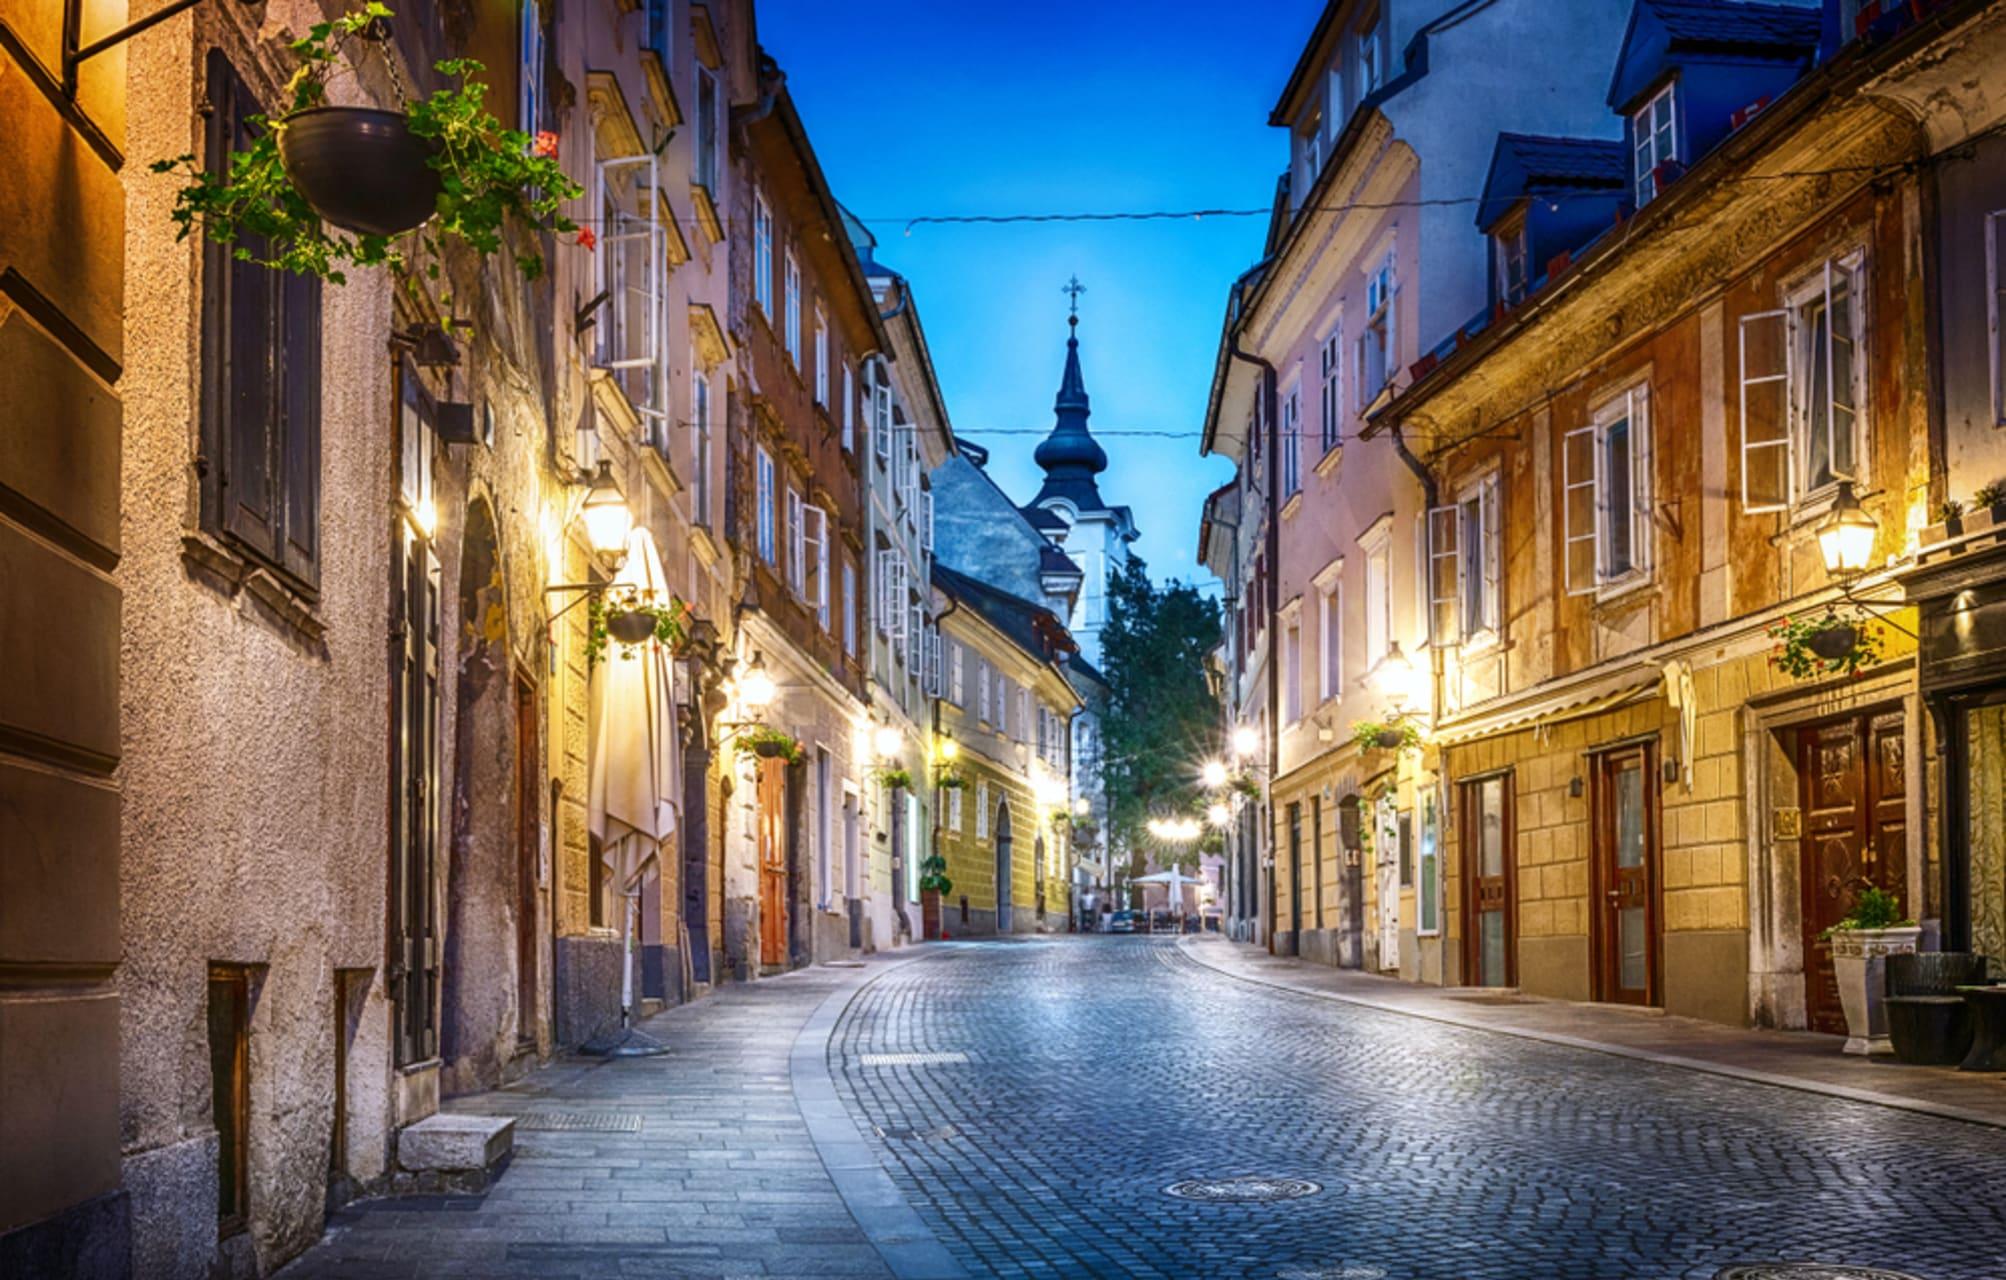 Ljubljana - The Oldest Part of the City - Artists Inspiration